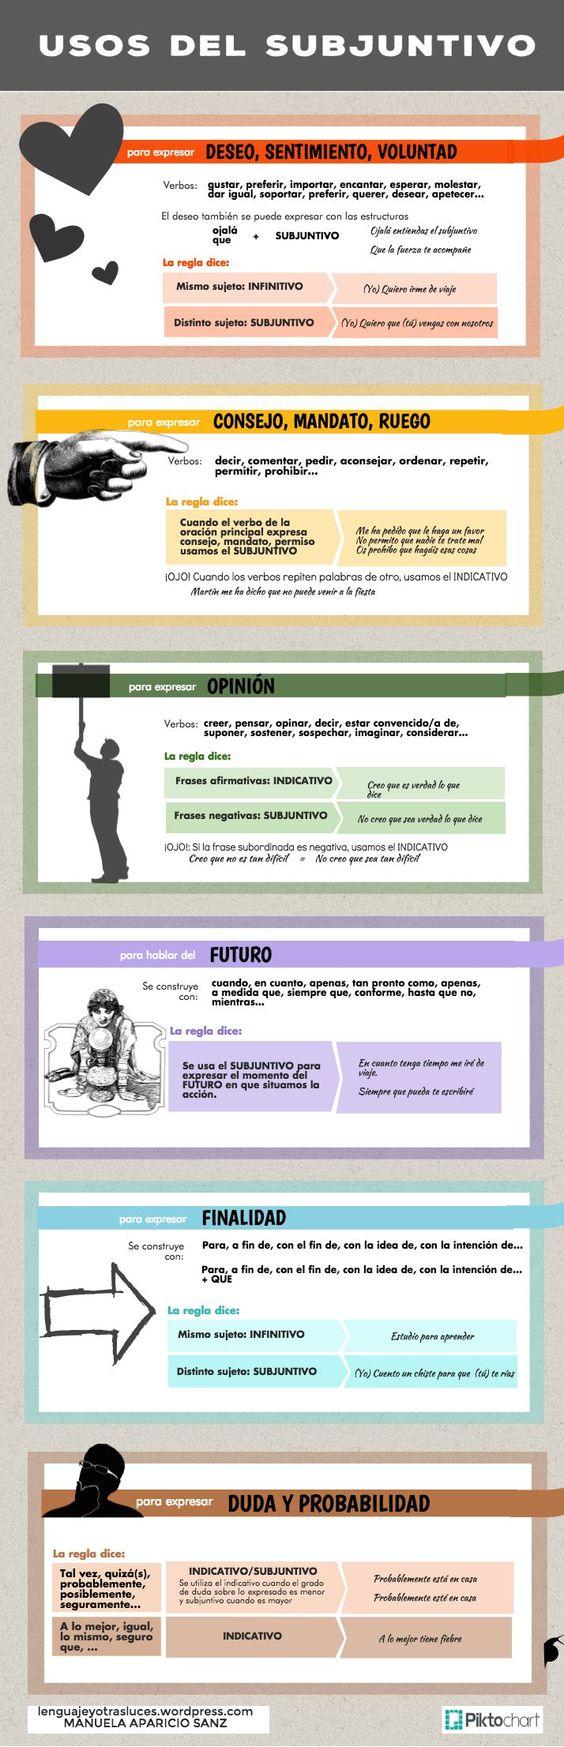 Infografía sobre los usos del subjuntivo